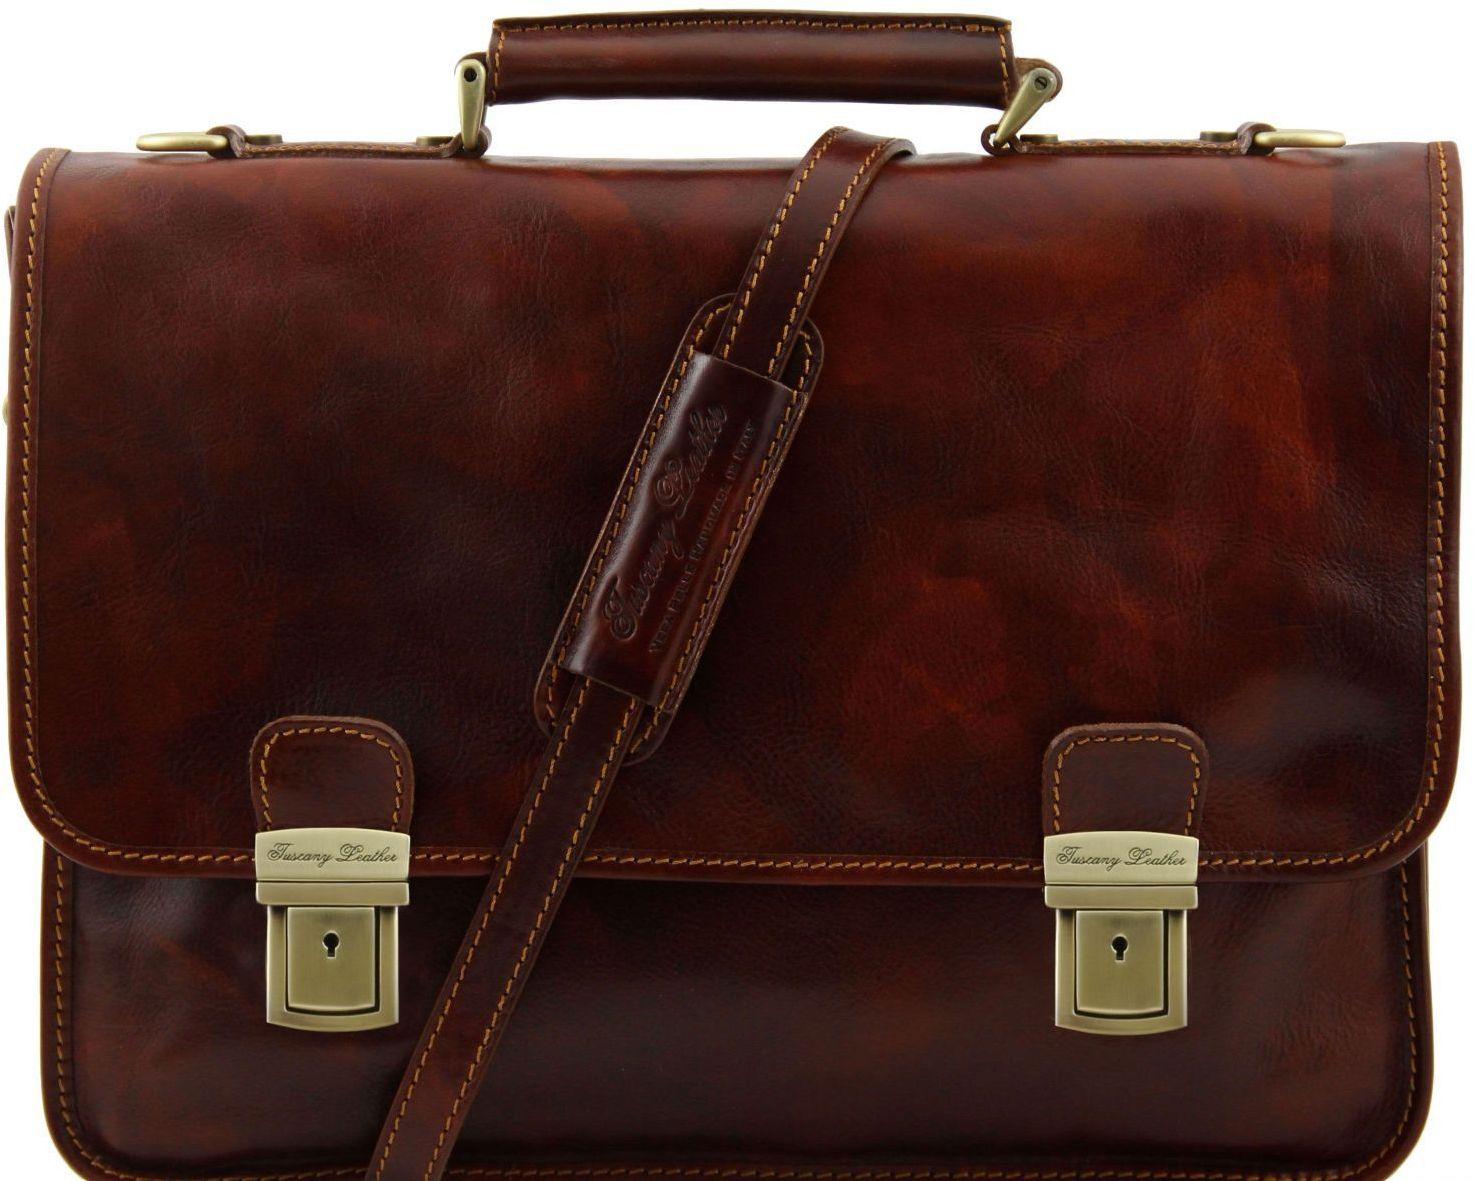 Ανδρική Τσάντα Δερμάτινη Firenze Καφέ Tuscany Leather ανδρας   χαρτοφύλακες